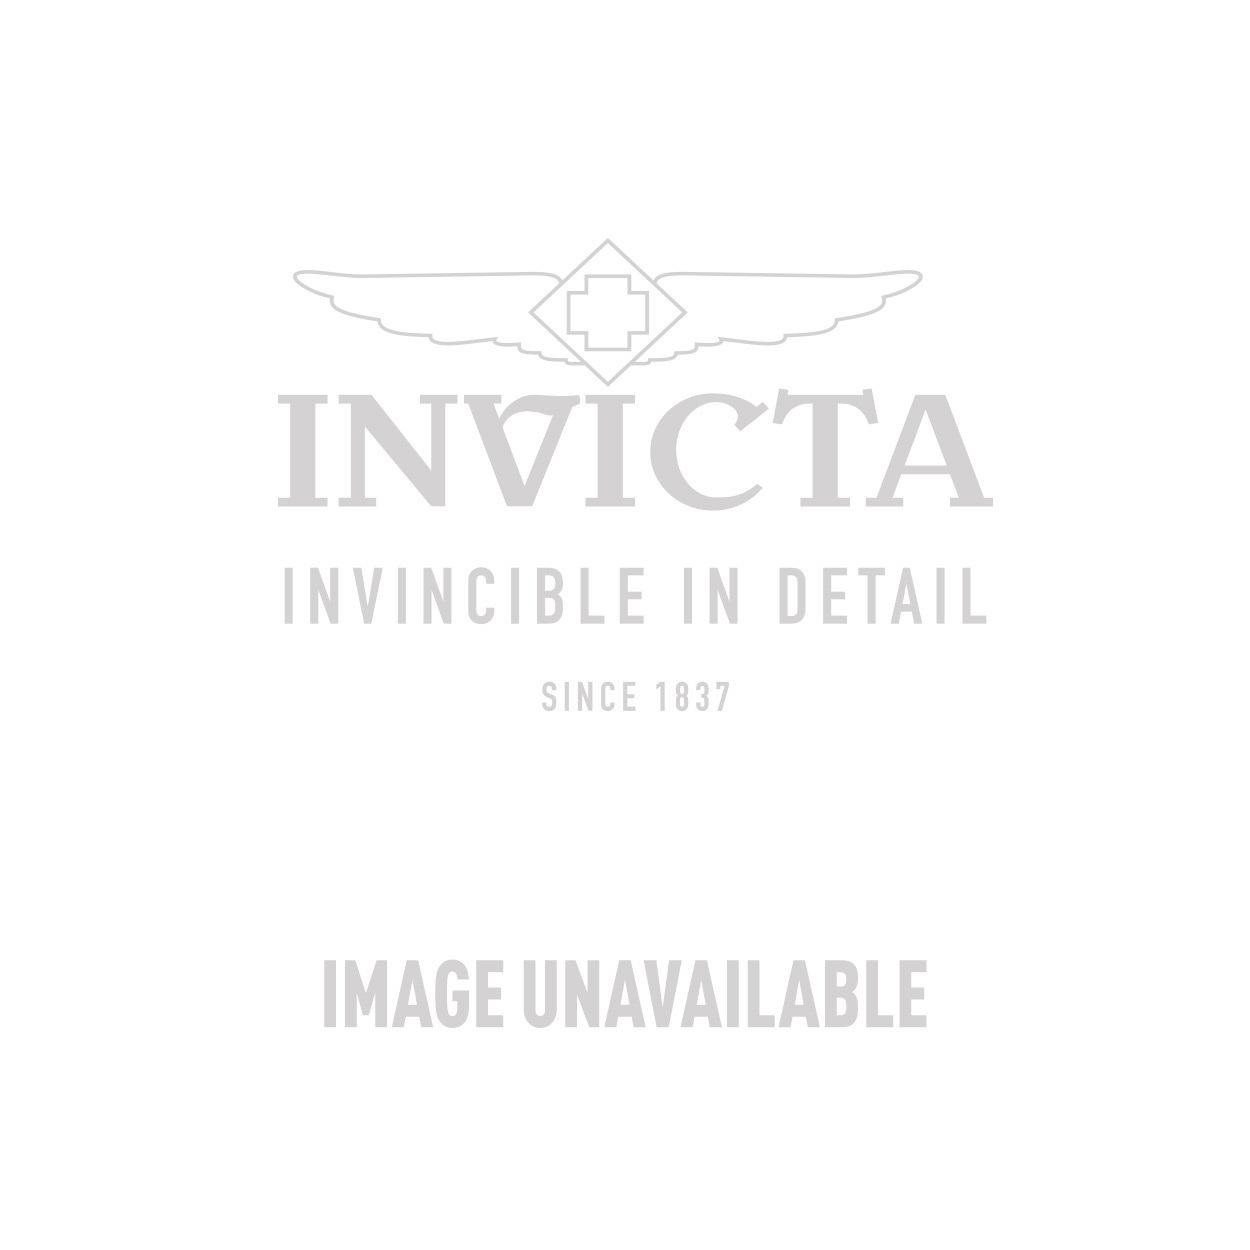 Invicta Model 24781